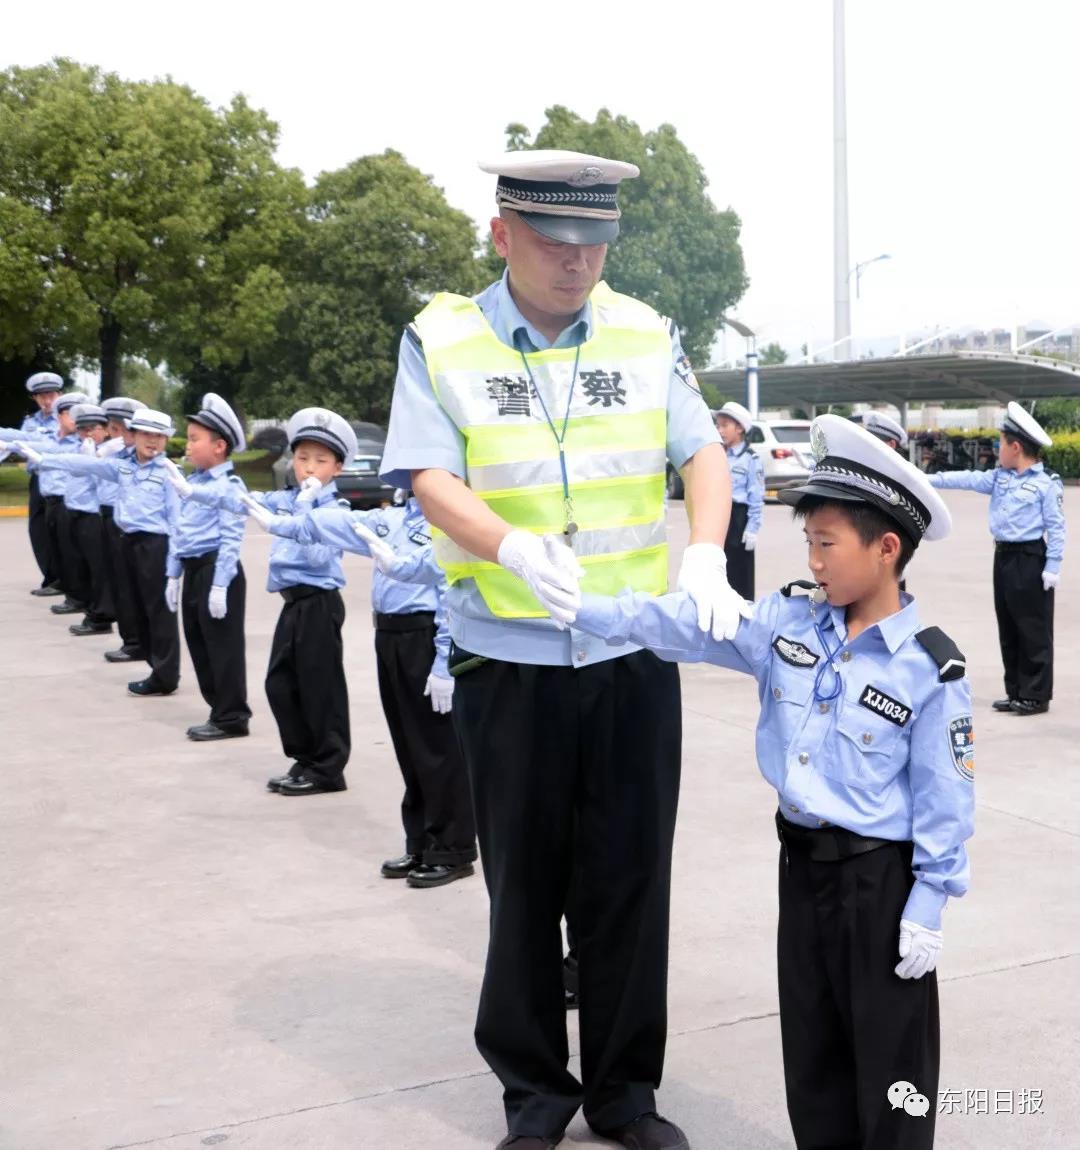 招募令!等的就是你,穿上警服走进警营